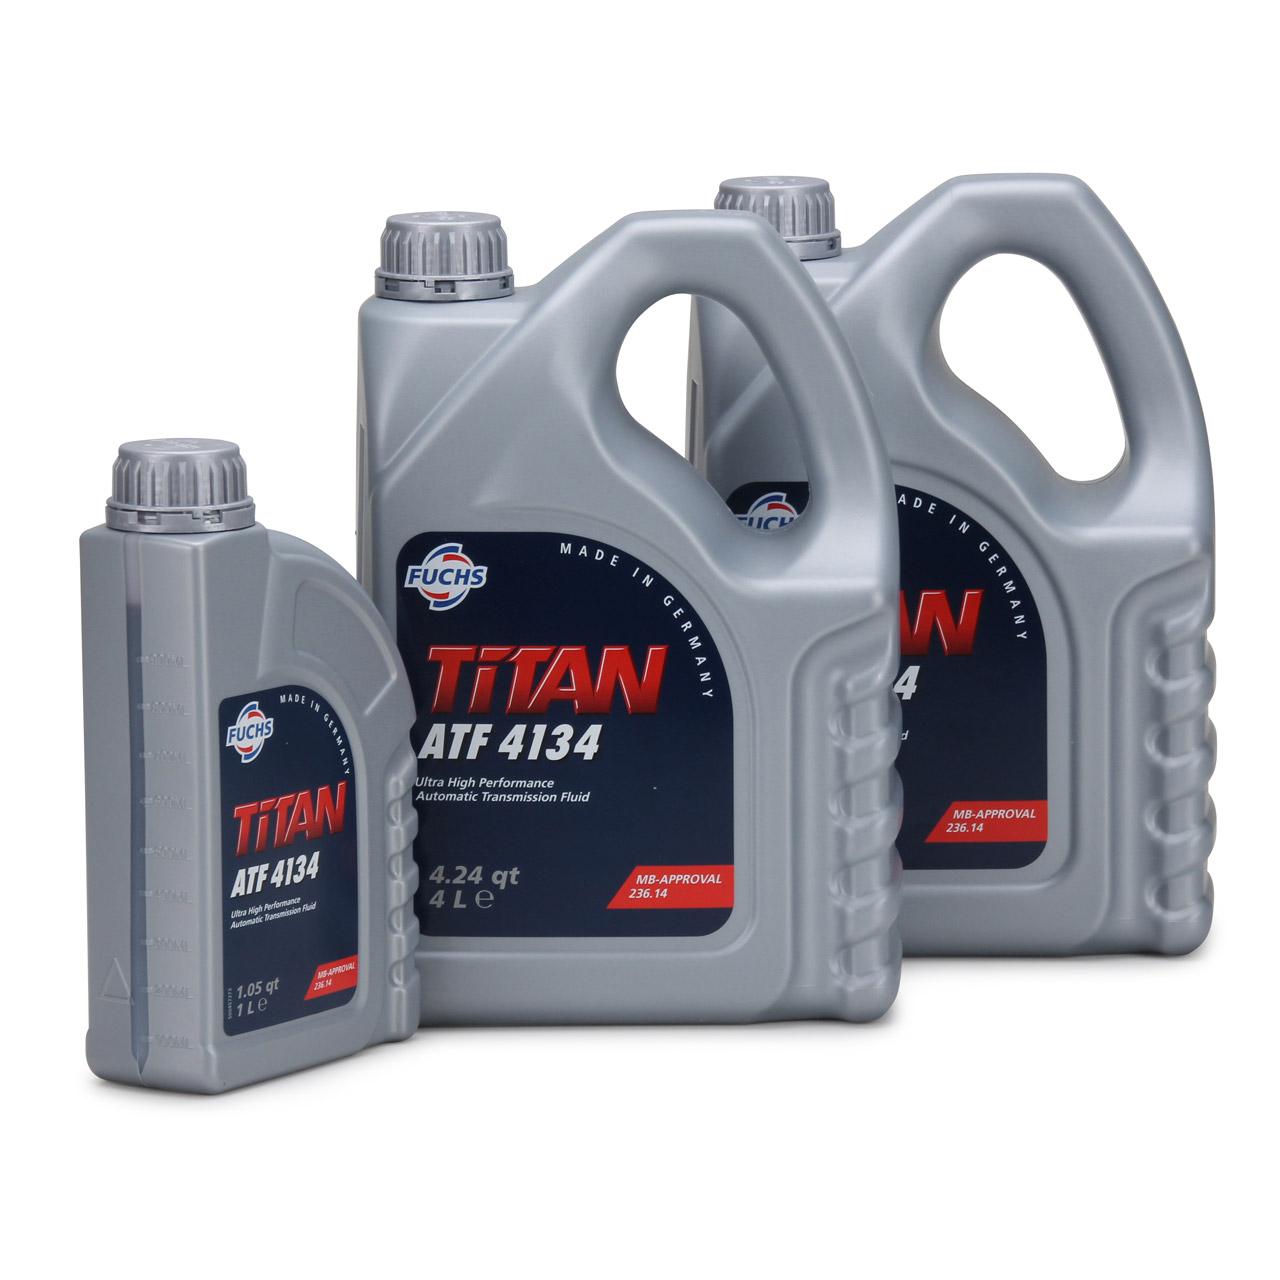 FUCHS Getriebeöl Automatikgetriebeöl TITAN ATF 4134 9L 9 Liter MB 236.14